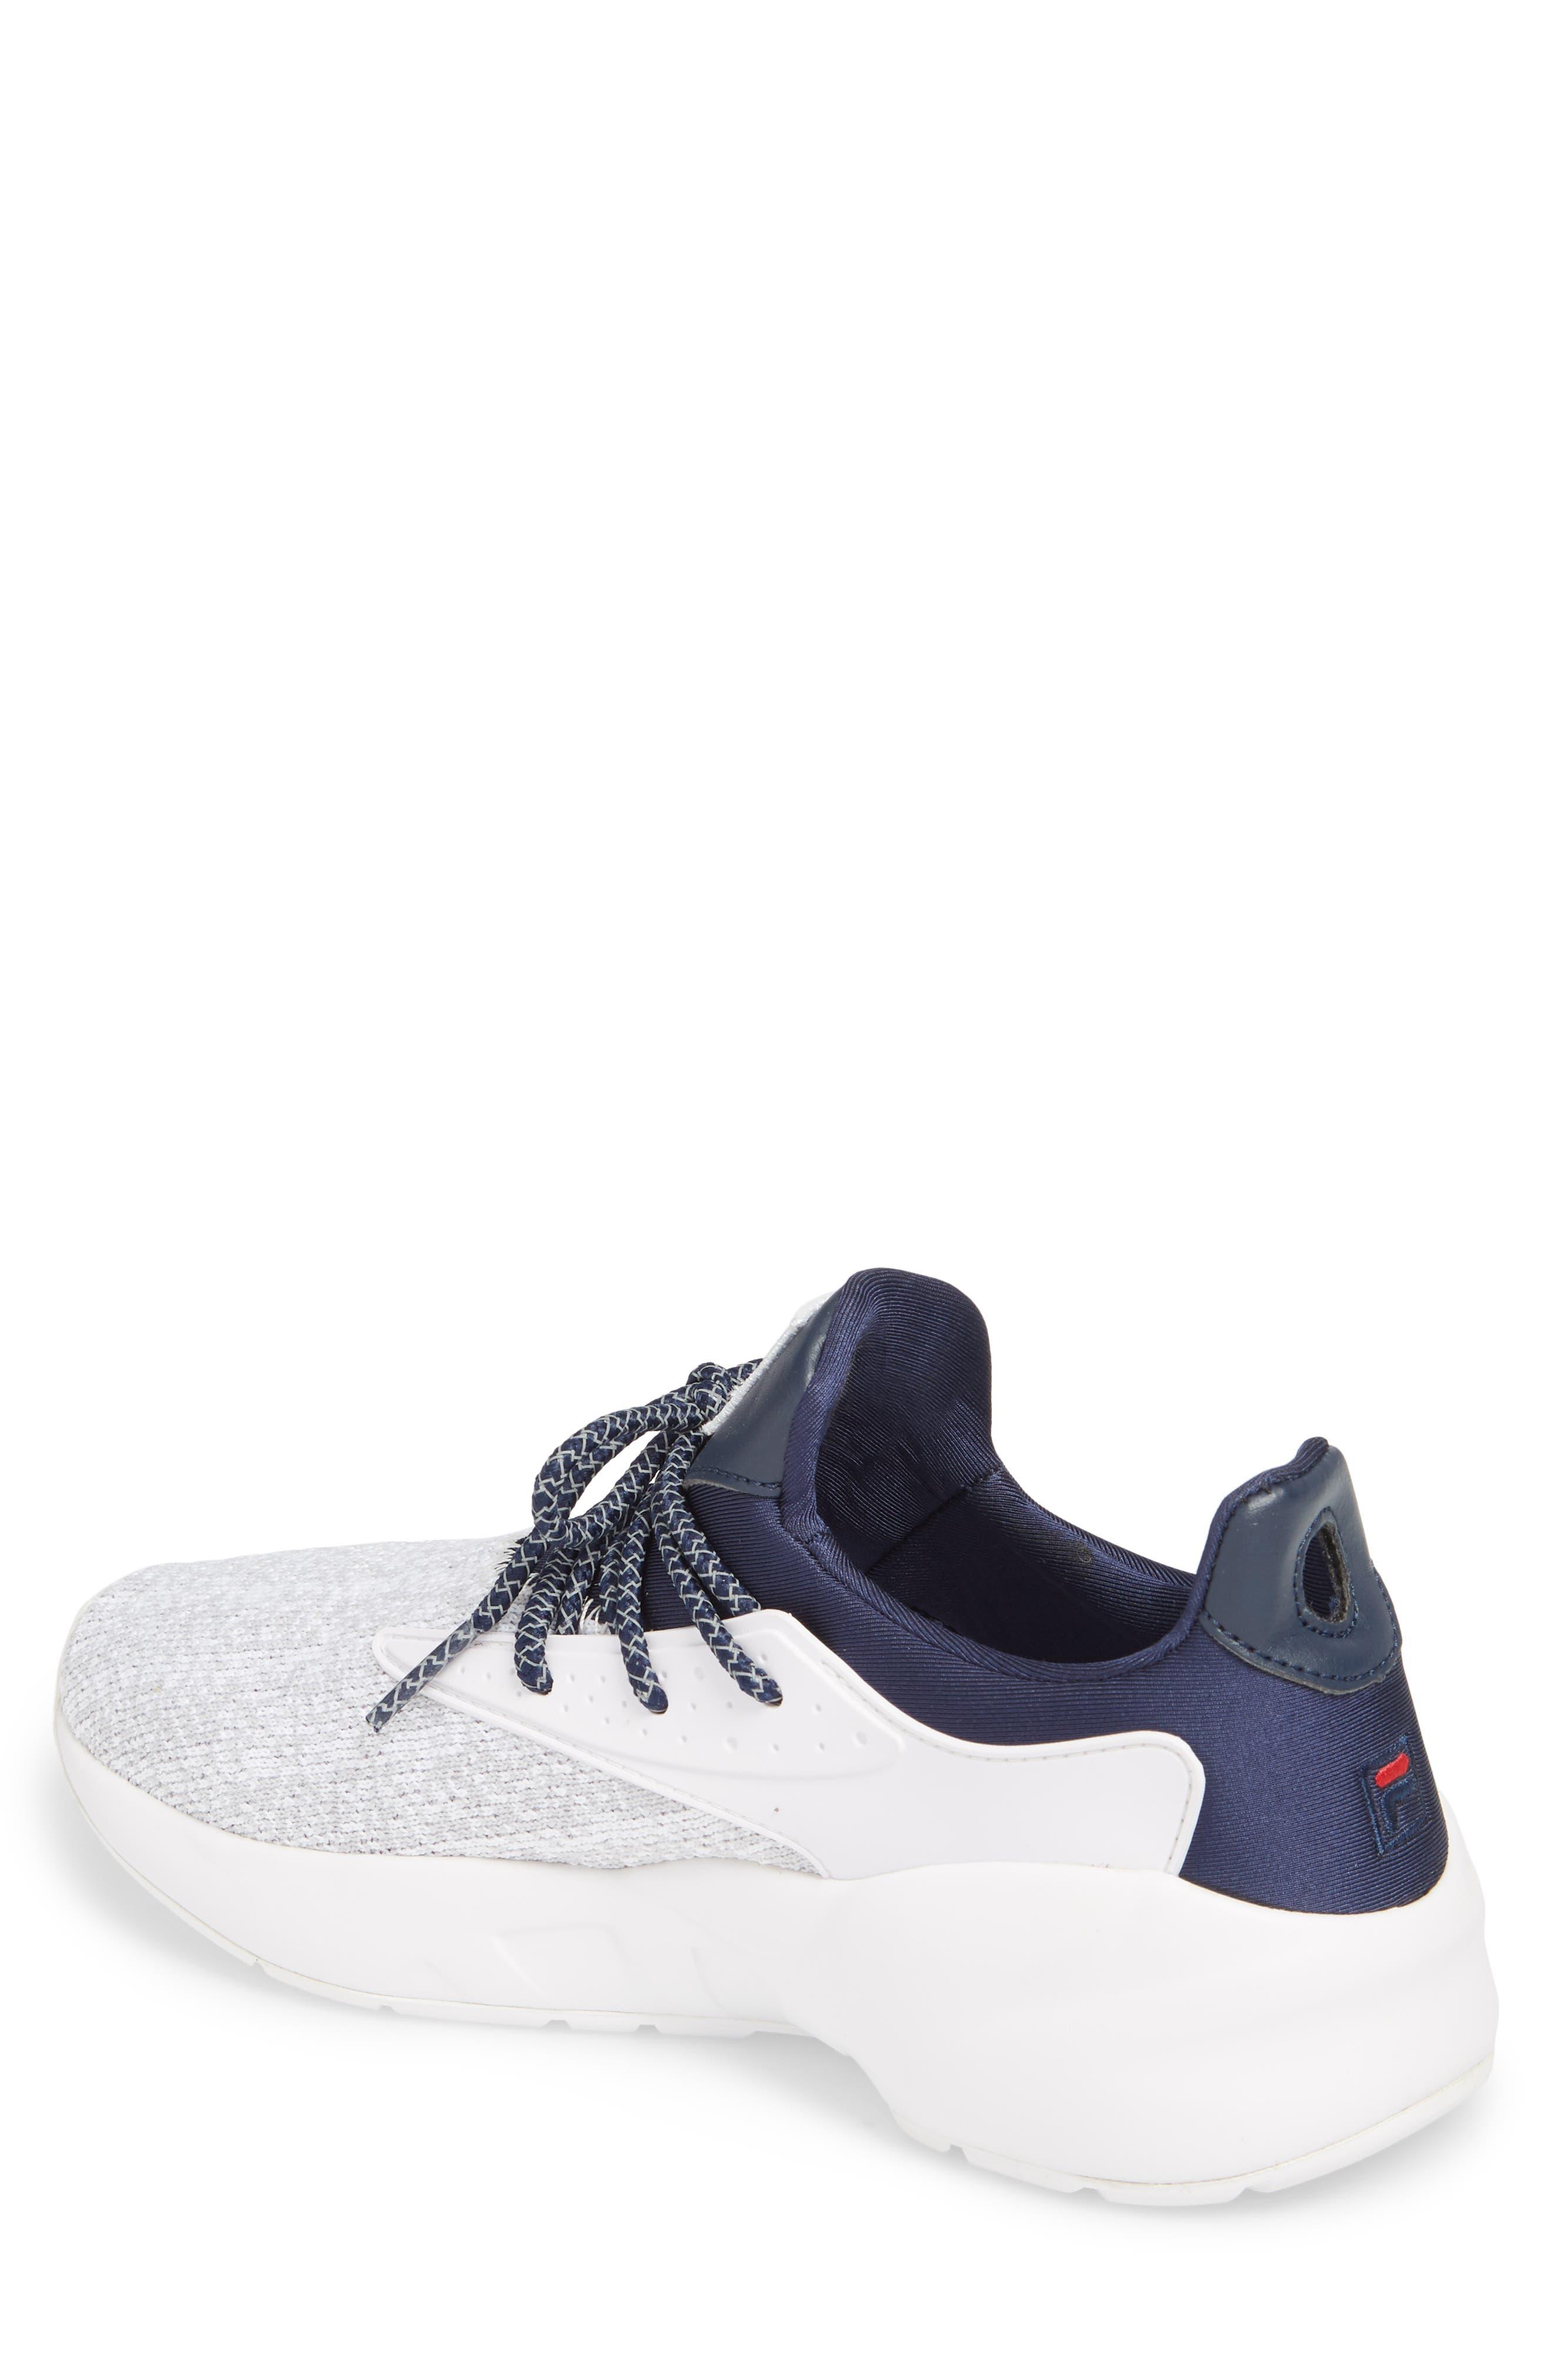 Mindbreaker 2.0 Sneaker,                             Alternate thumbnail 2, color,                             White/ Navy/ Red